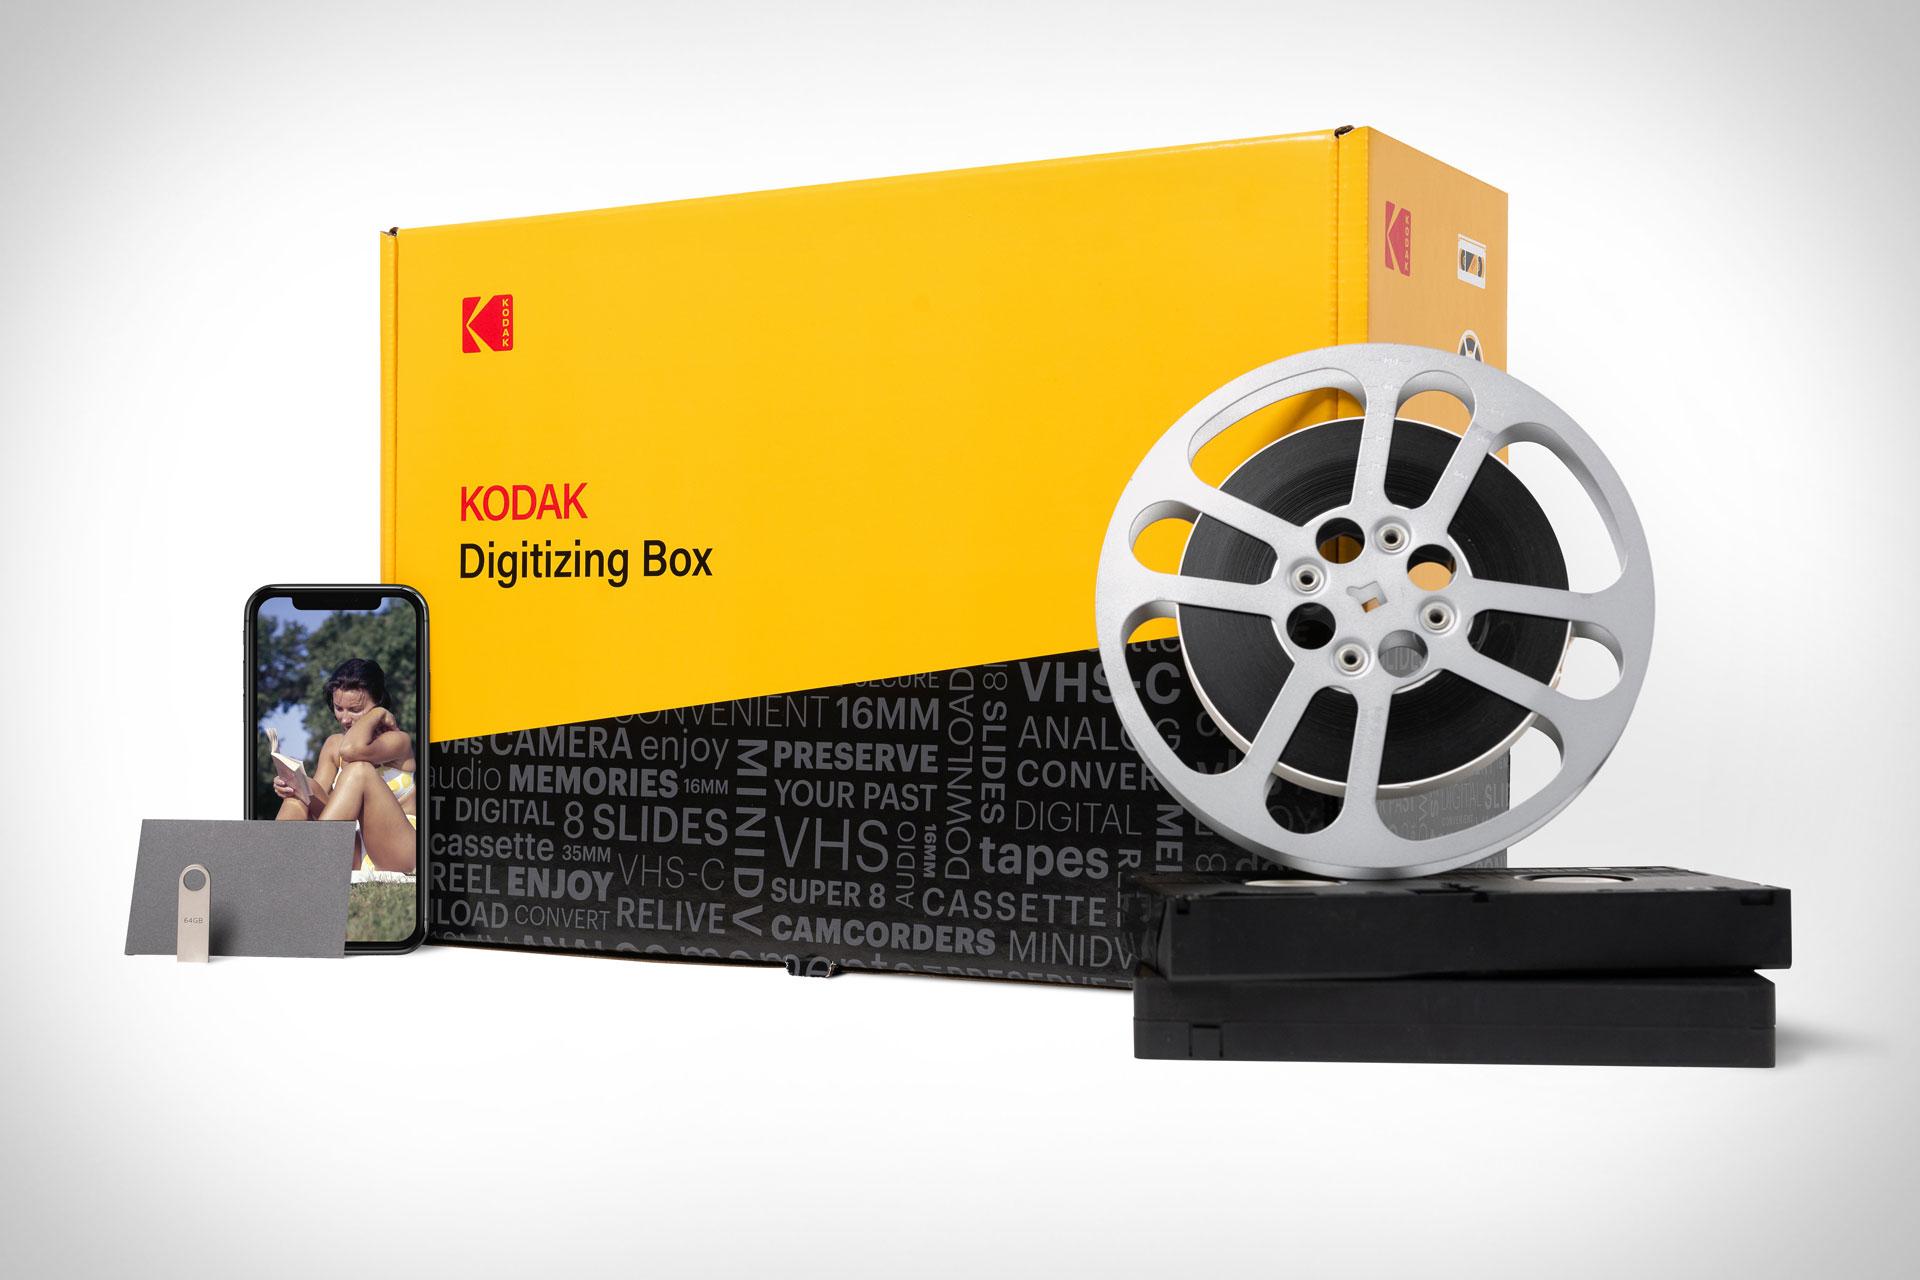 Kodak Digitizing Box